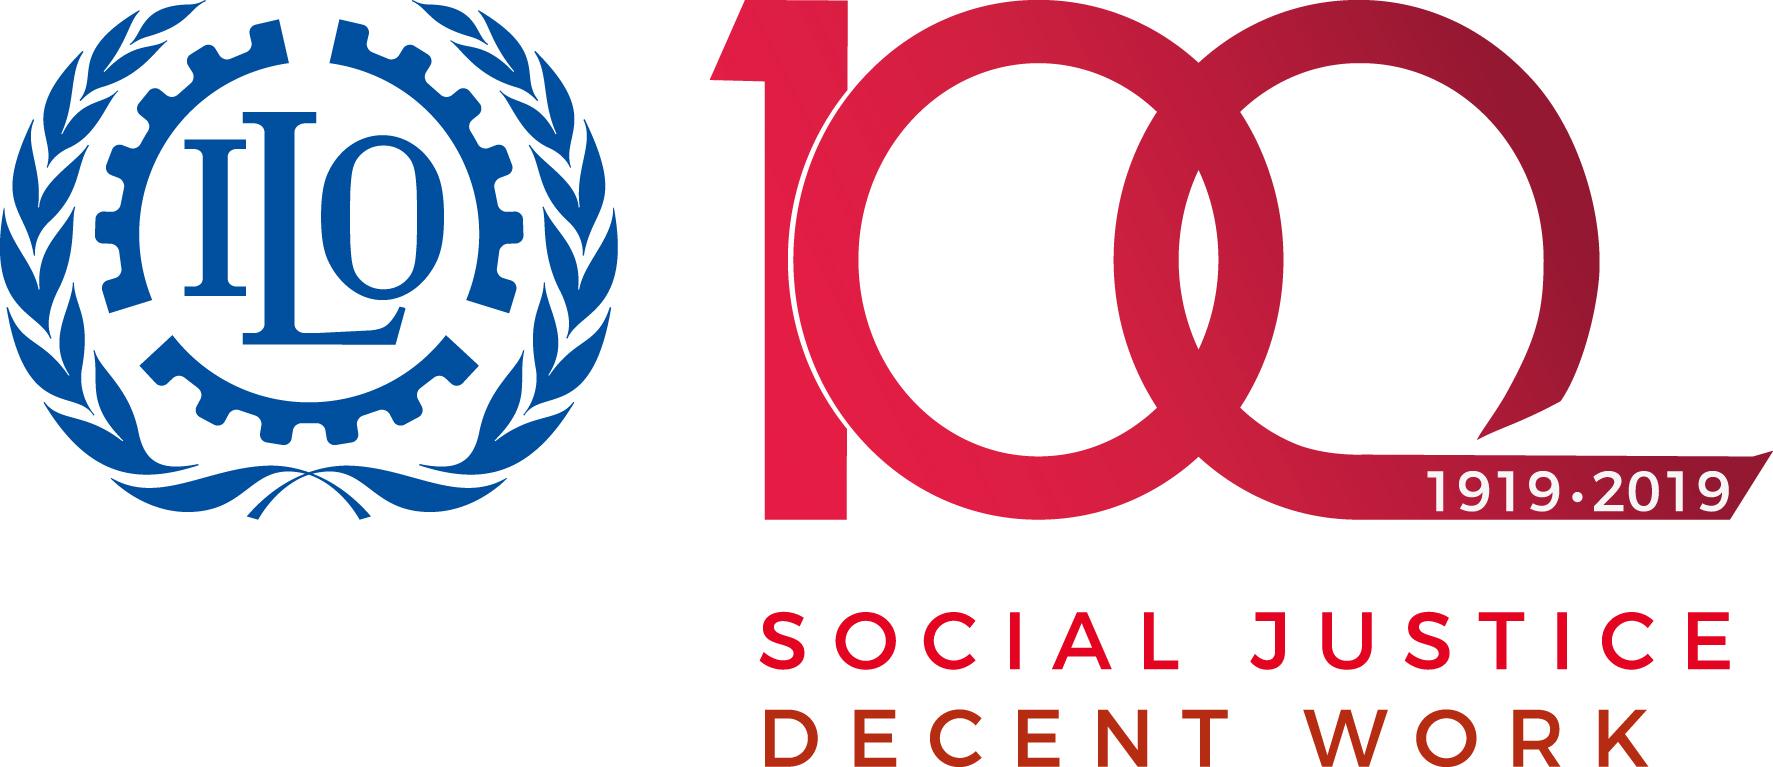 logo100years_en.jpg